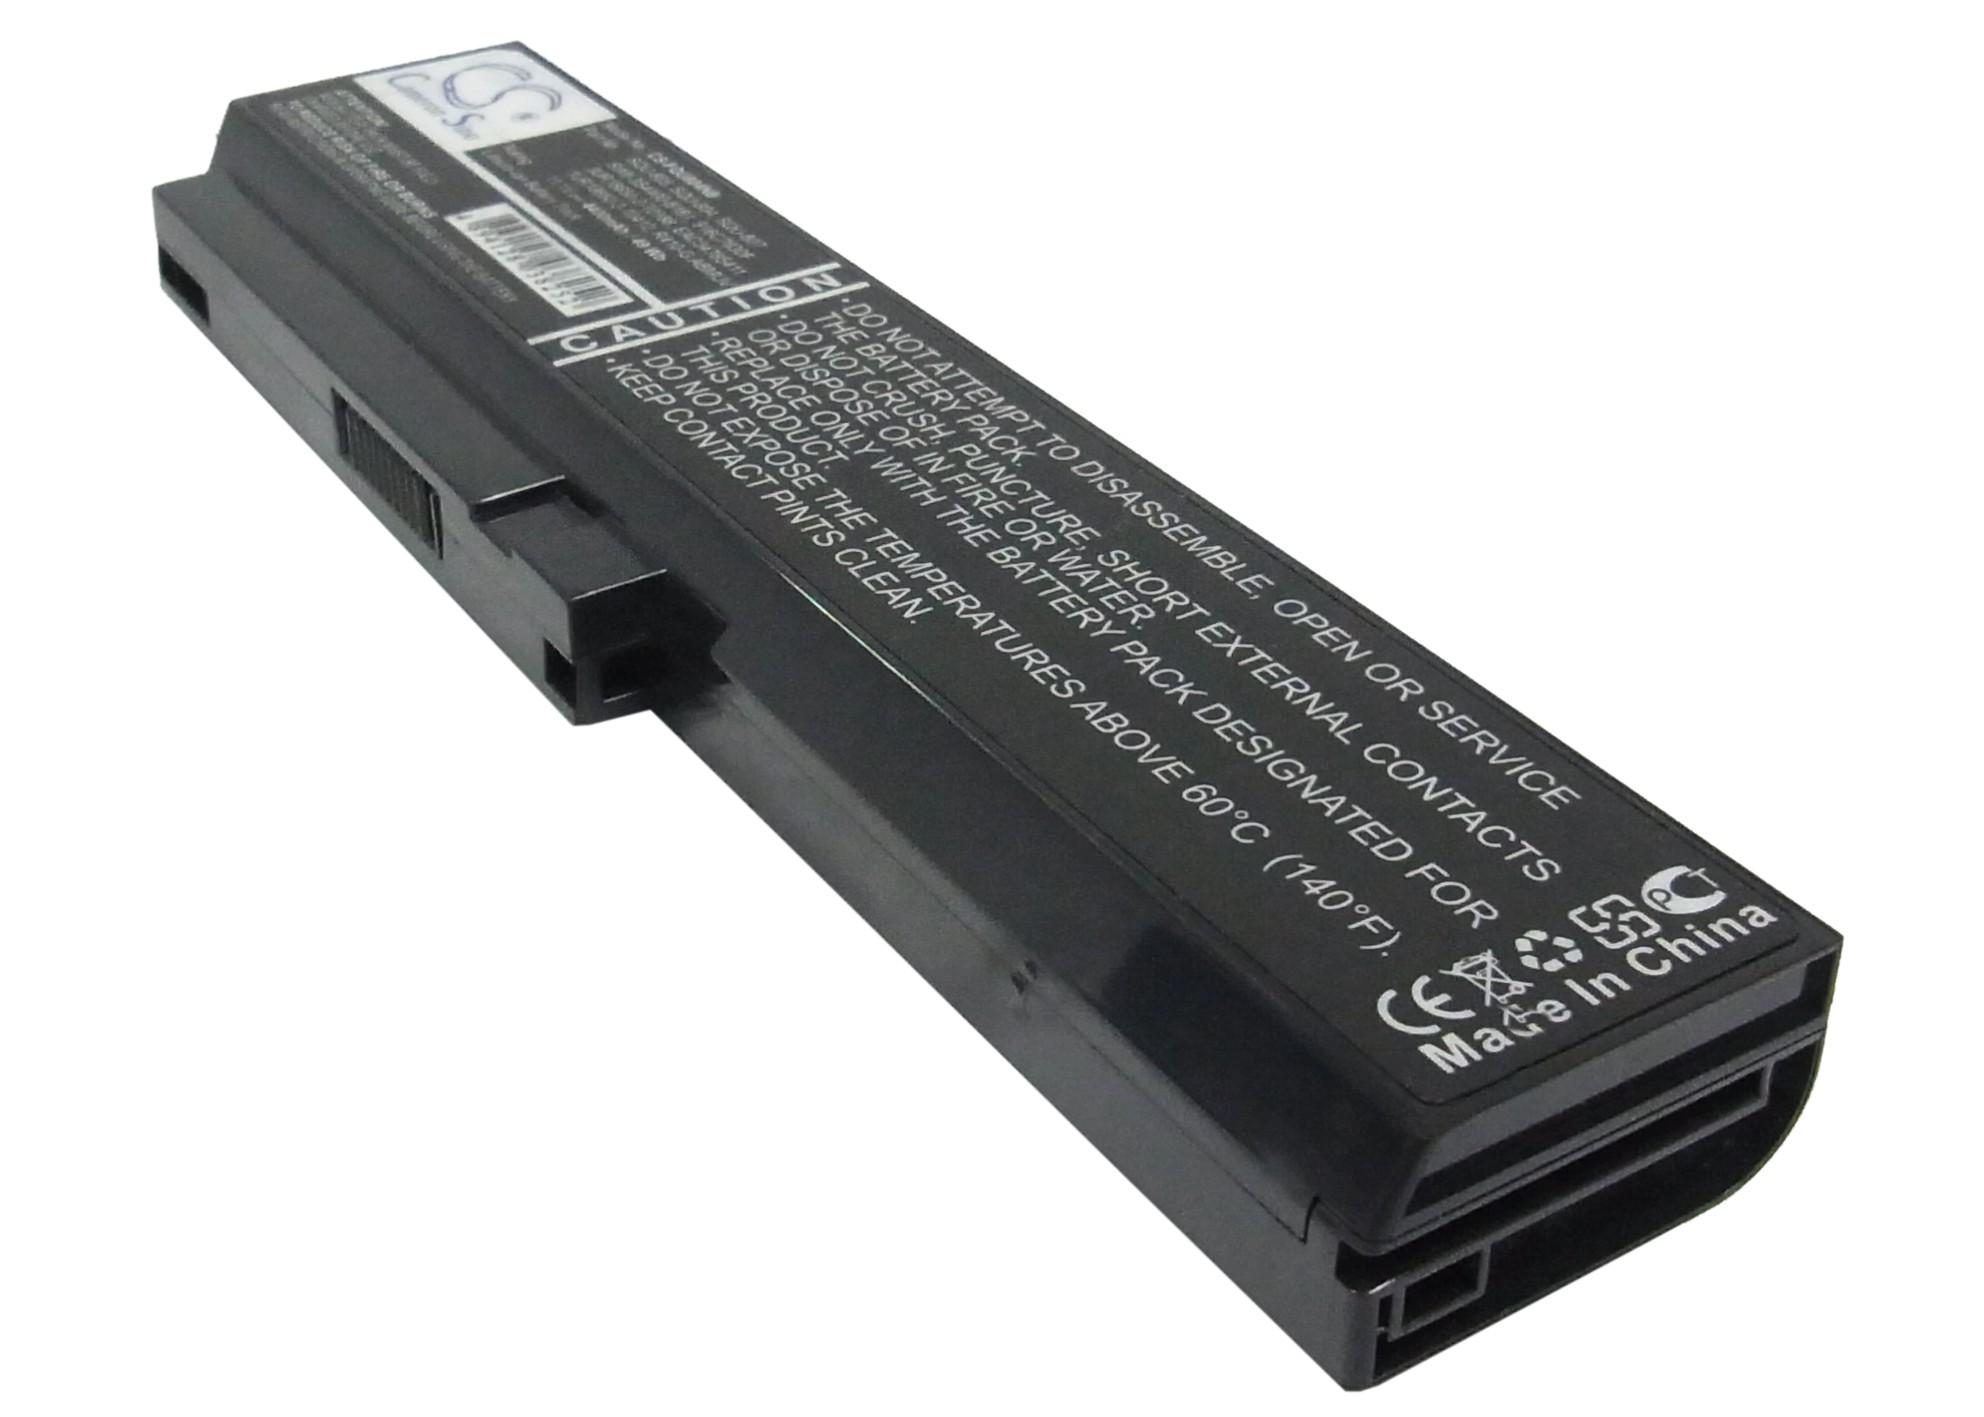 Cameron Sino baterie do notebooků pro LG XNote R510 11.1V Li-ion 4400mAh černá - neoriginální